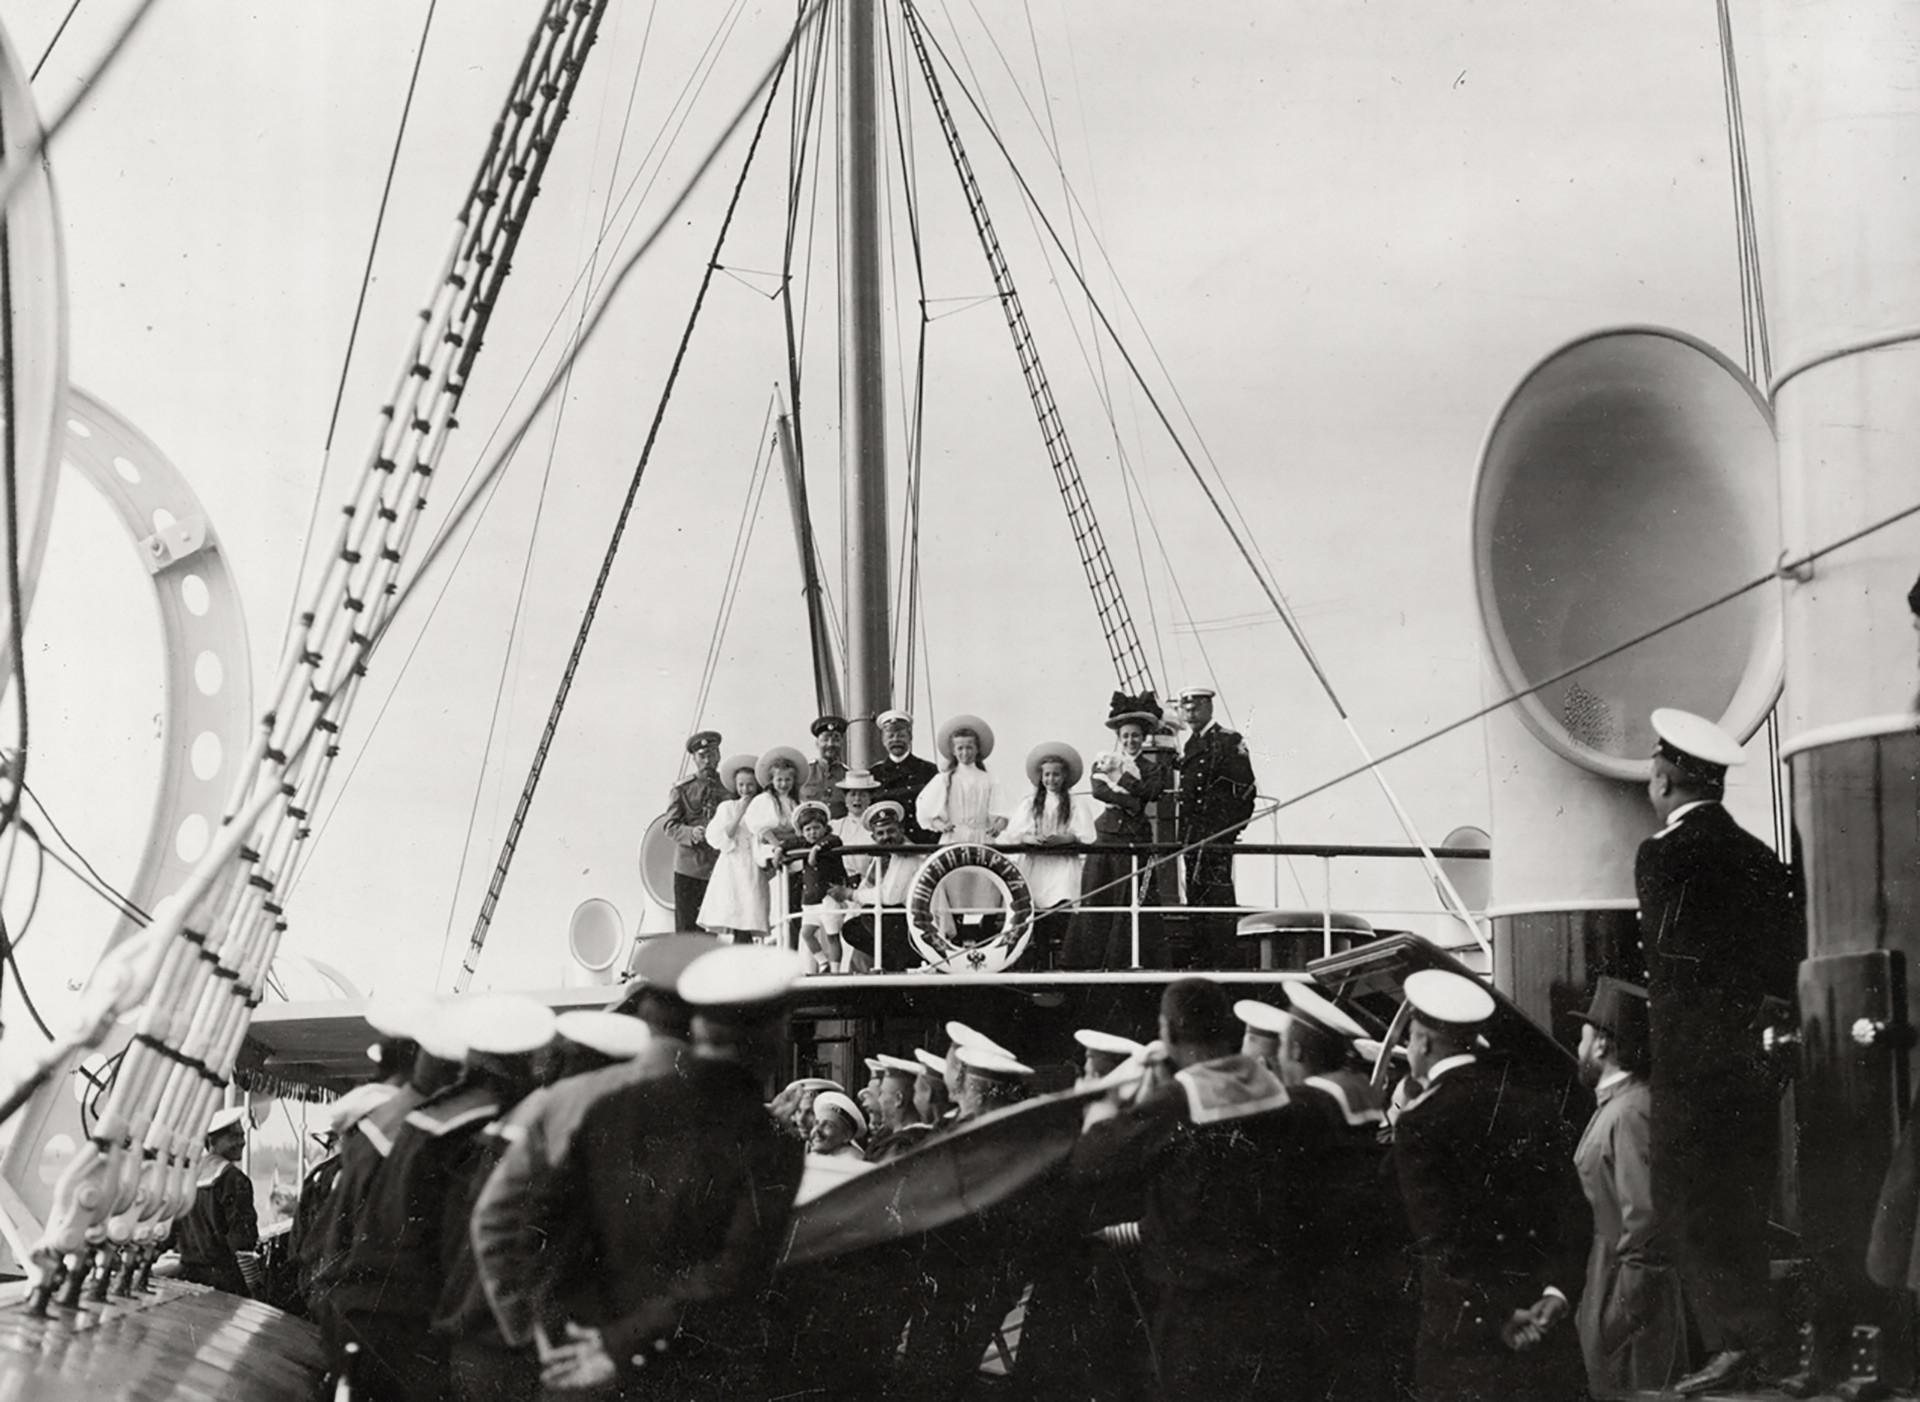 K. E. von Ghan & Co.撮影、ロシア国立海軍アーカイブ